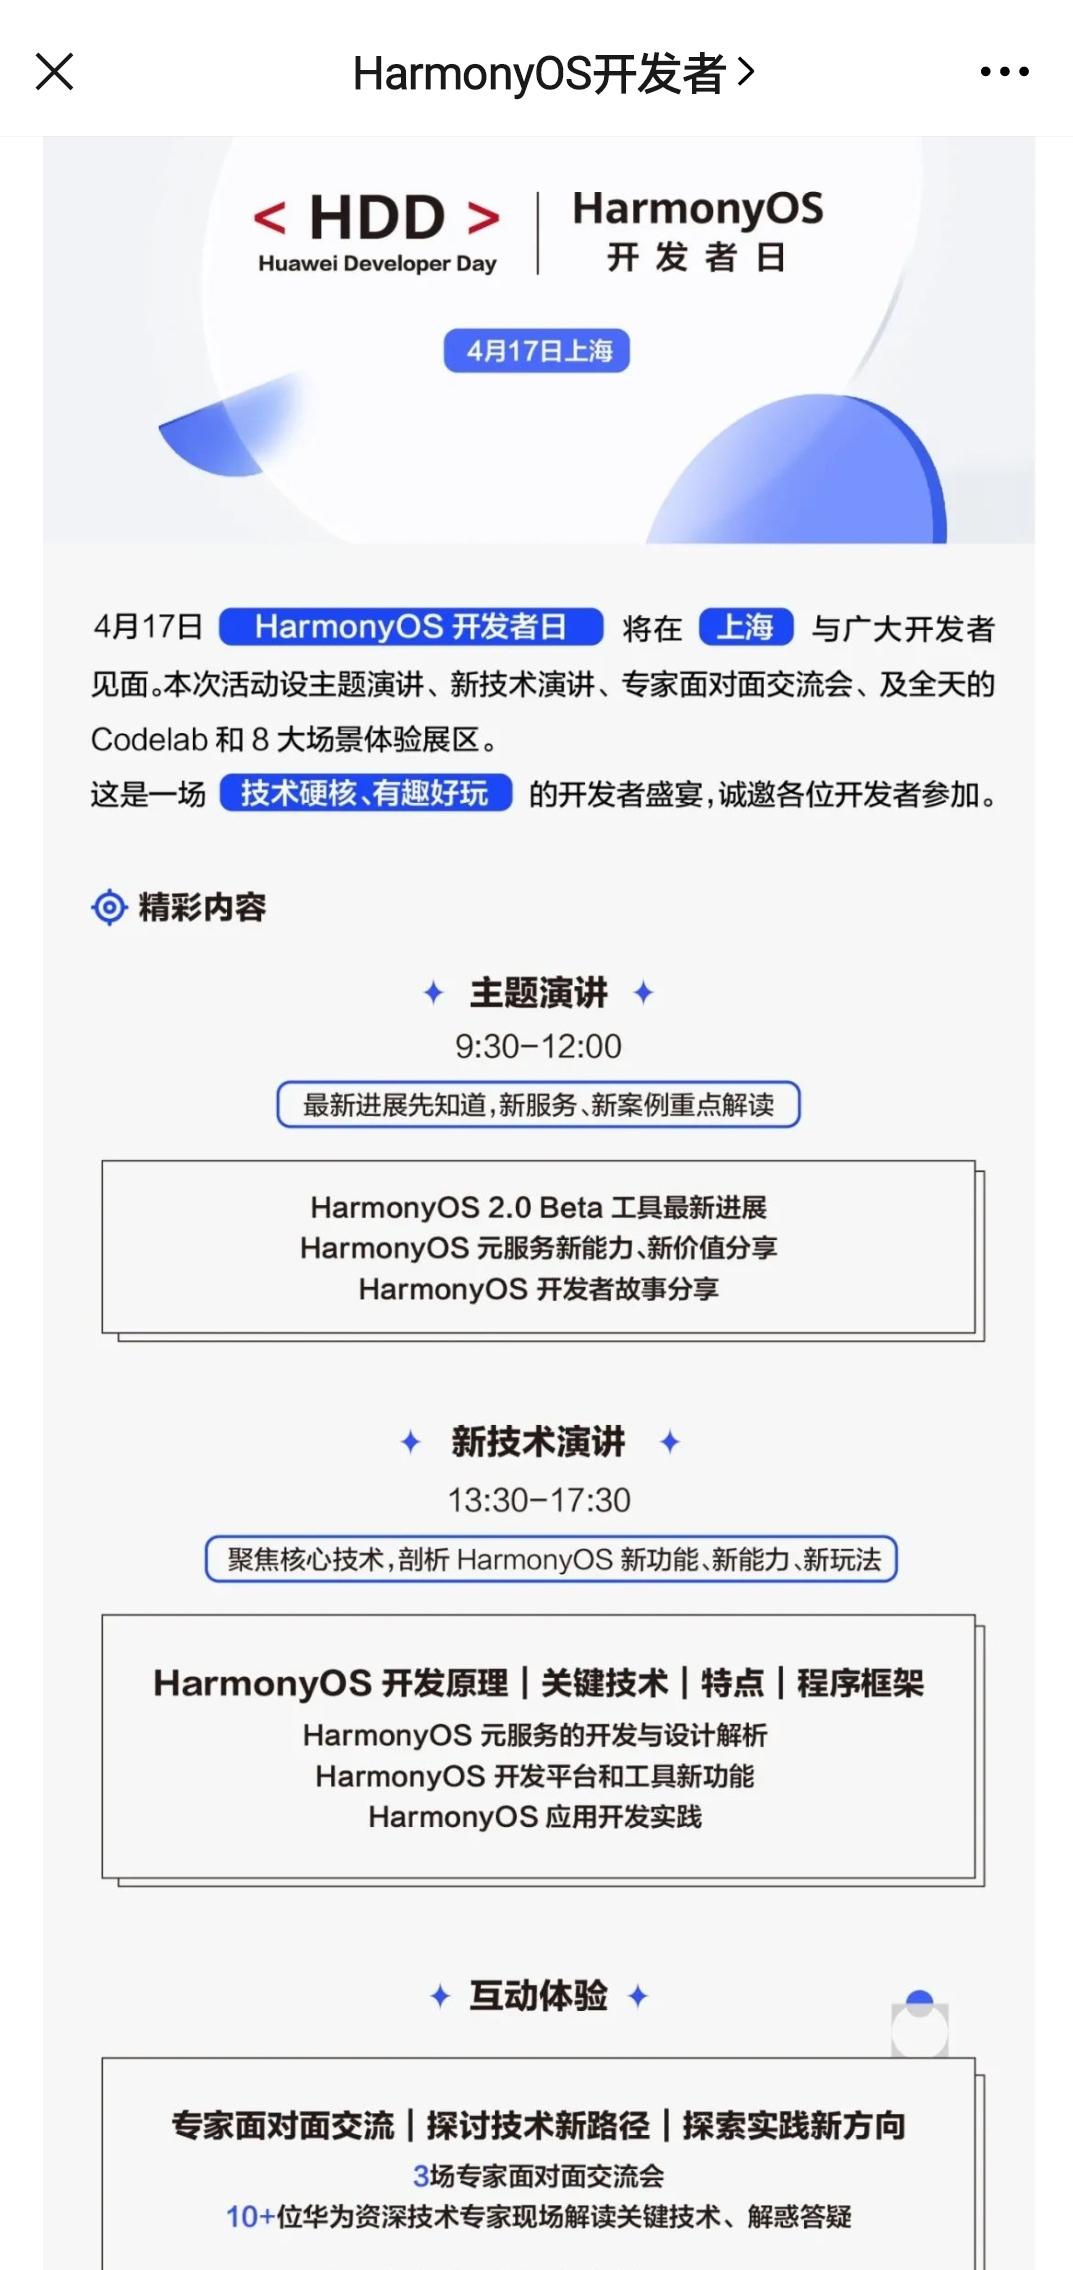 Screenshot_20210404_022840.jpg